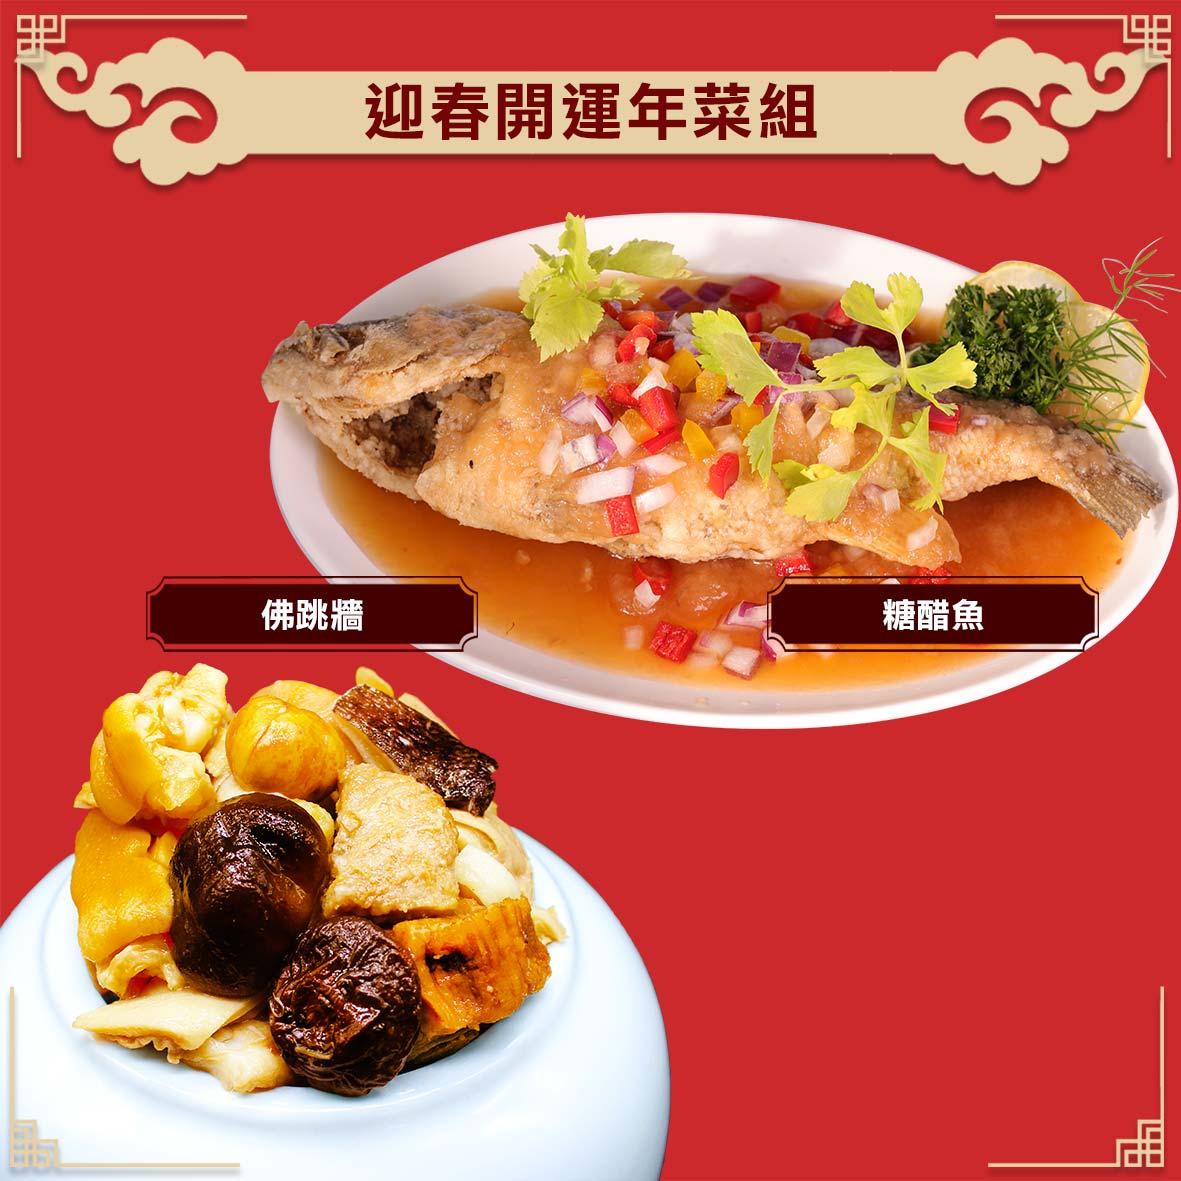 預購【漁季】迎春開運年菜組(1/27~2/2到貨)